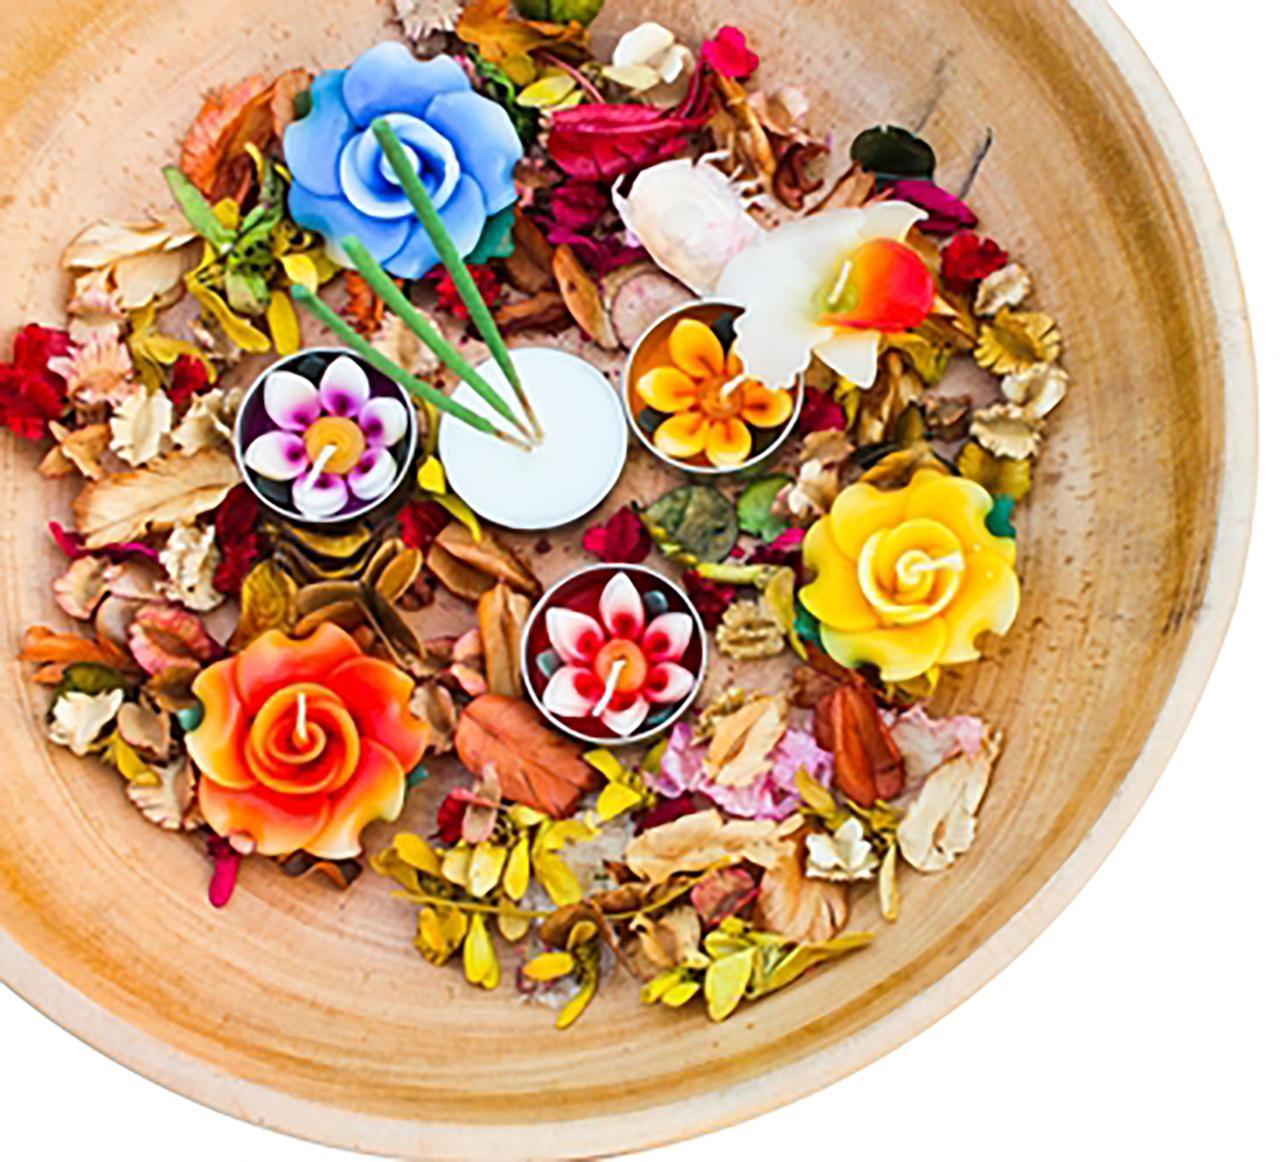 กระทงดอกไม้แห้ง ... เพิ่มบรรยากาศอบอวลด้วยกลิ่นหอมของดอกไม้ ขอบคุณภาพ : Pinterest.com